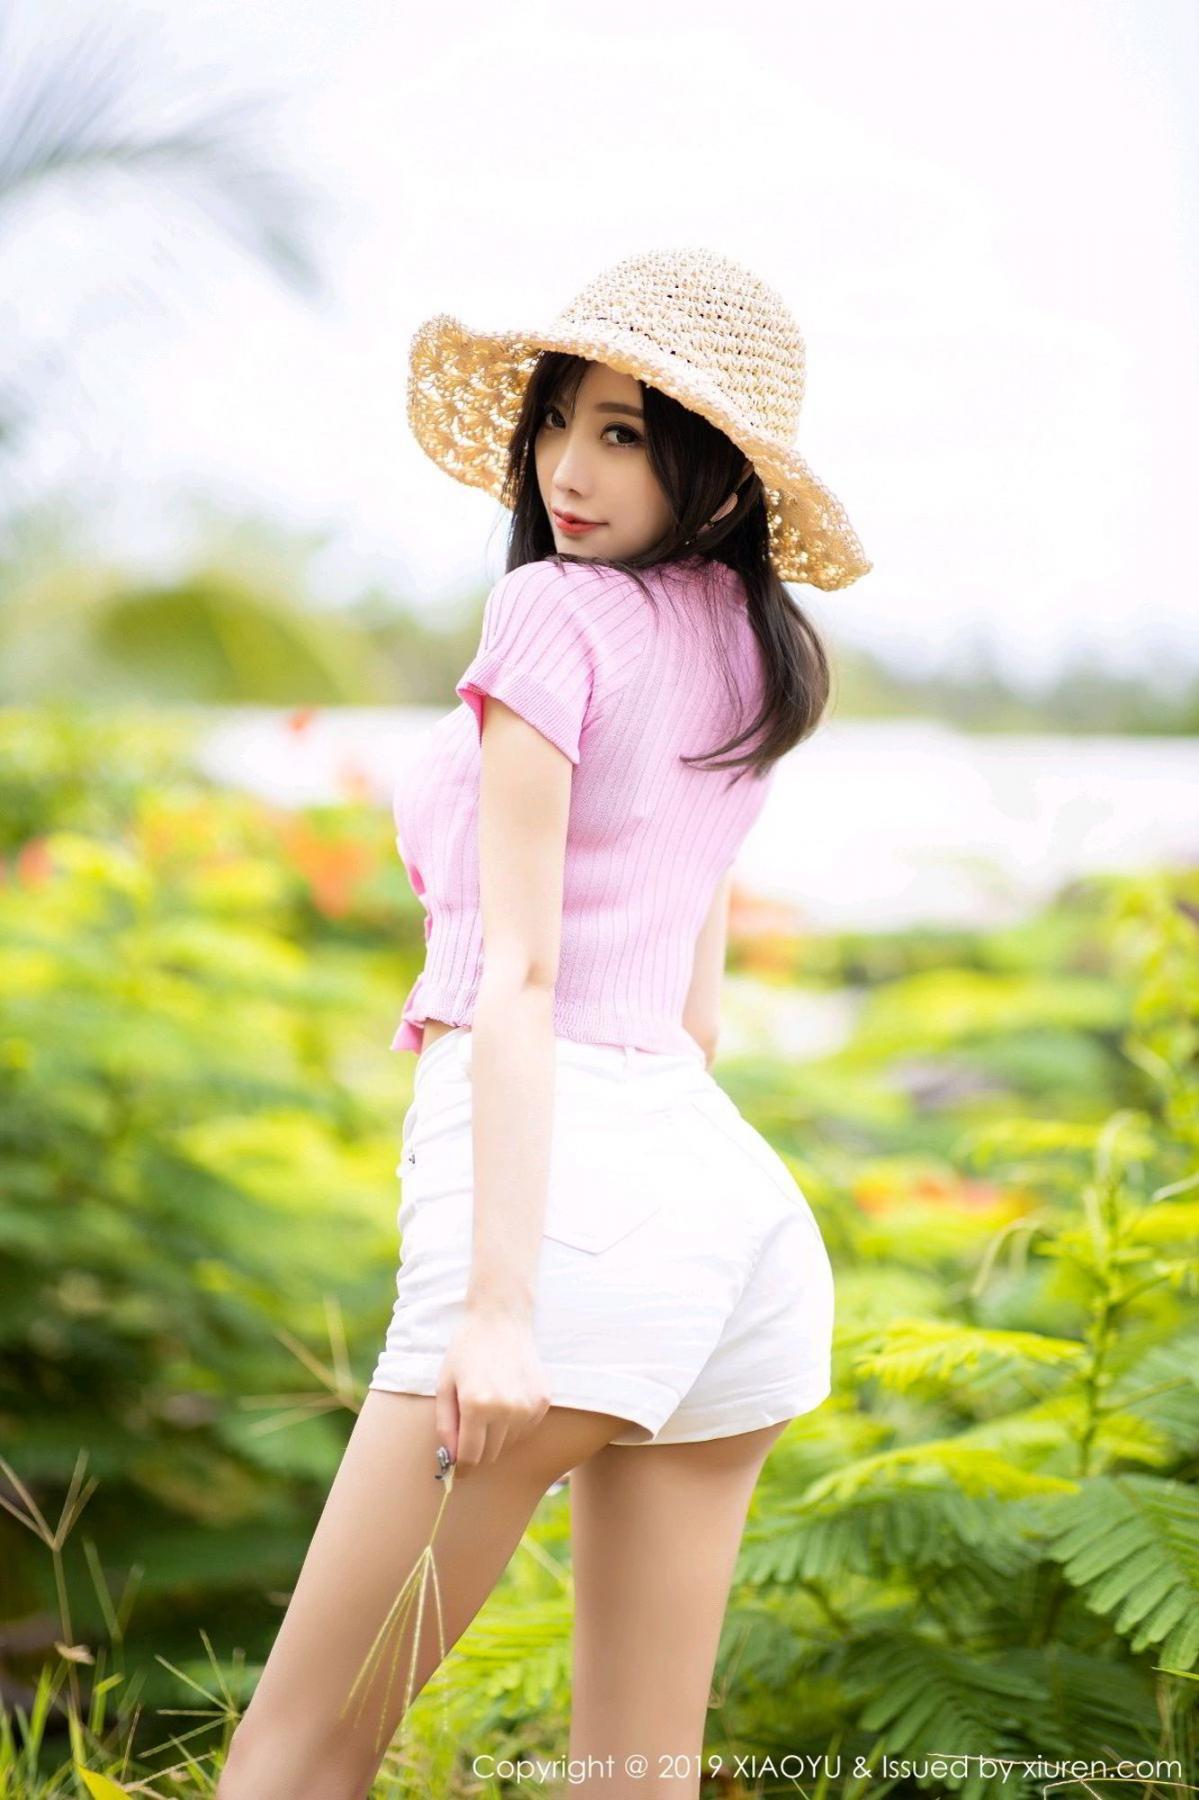 [XiaoYu] Vol.169 Yang Chen Chen 12P, Outdoor, Underwear, XiaoYu, Yang Chen Chen